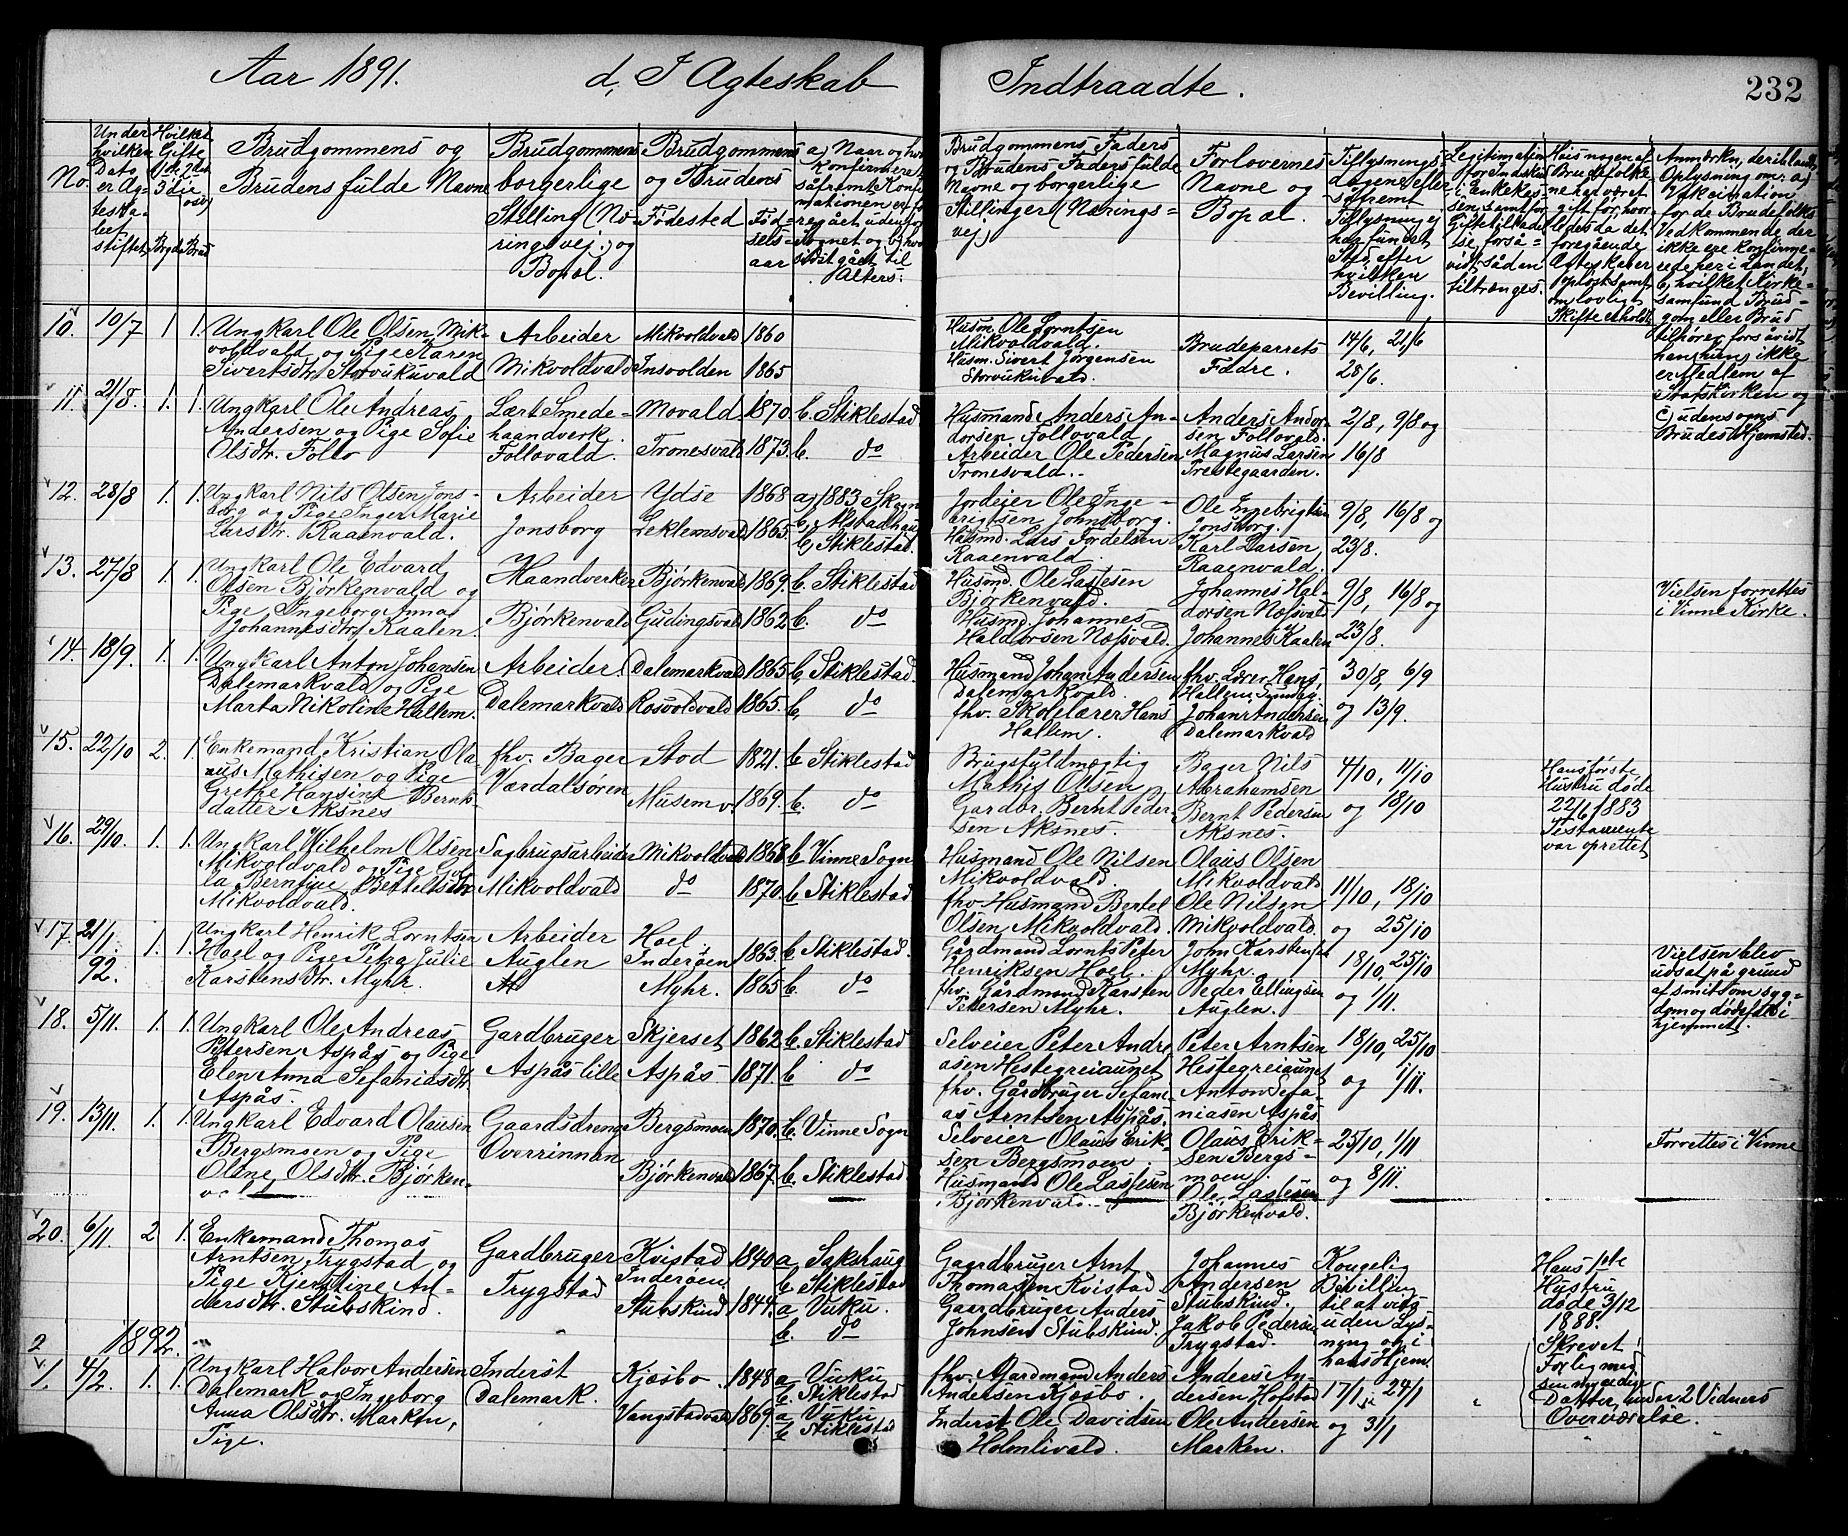 SAT, Ministerialprotokoller, klokkerbøker og fødselsregistre - Nord-Trøndelag, 723/L0257: Klokkerbok nr. 723C05, 1890-1907, s. 232